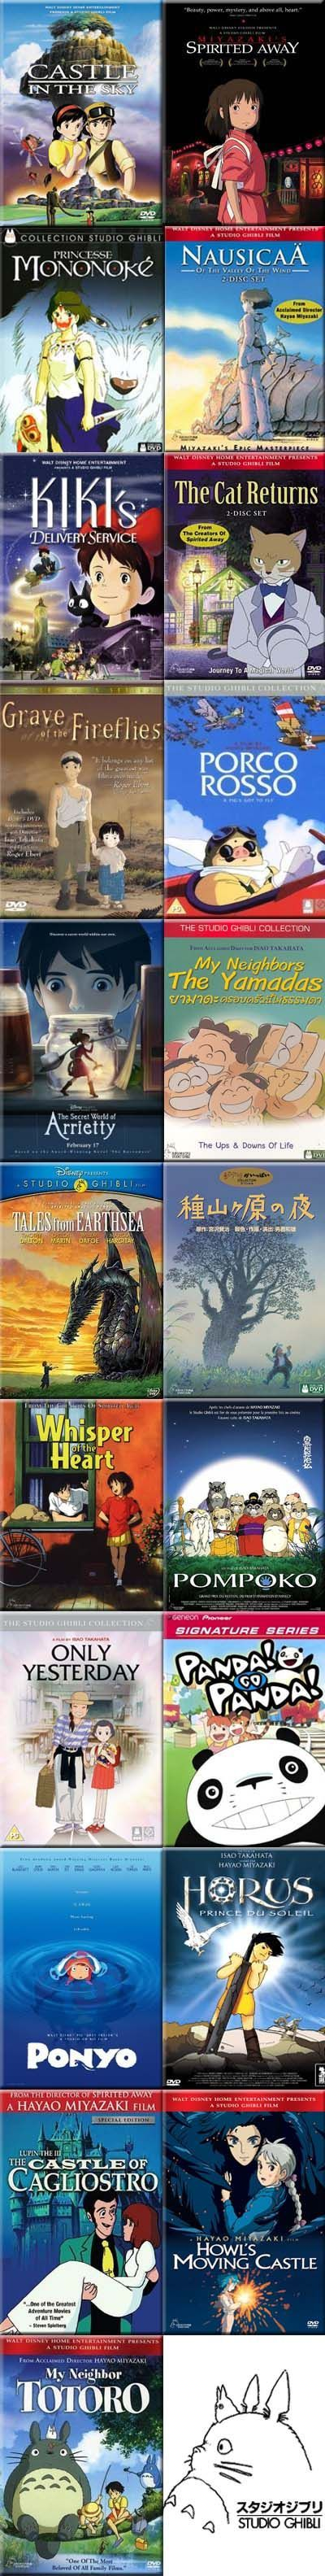 Danh sách dài những bộ phim của Ghibli Studio: Có thể ta chưa xem hết